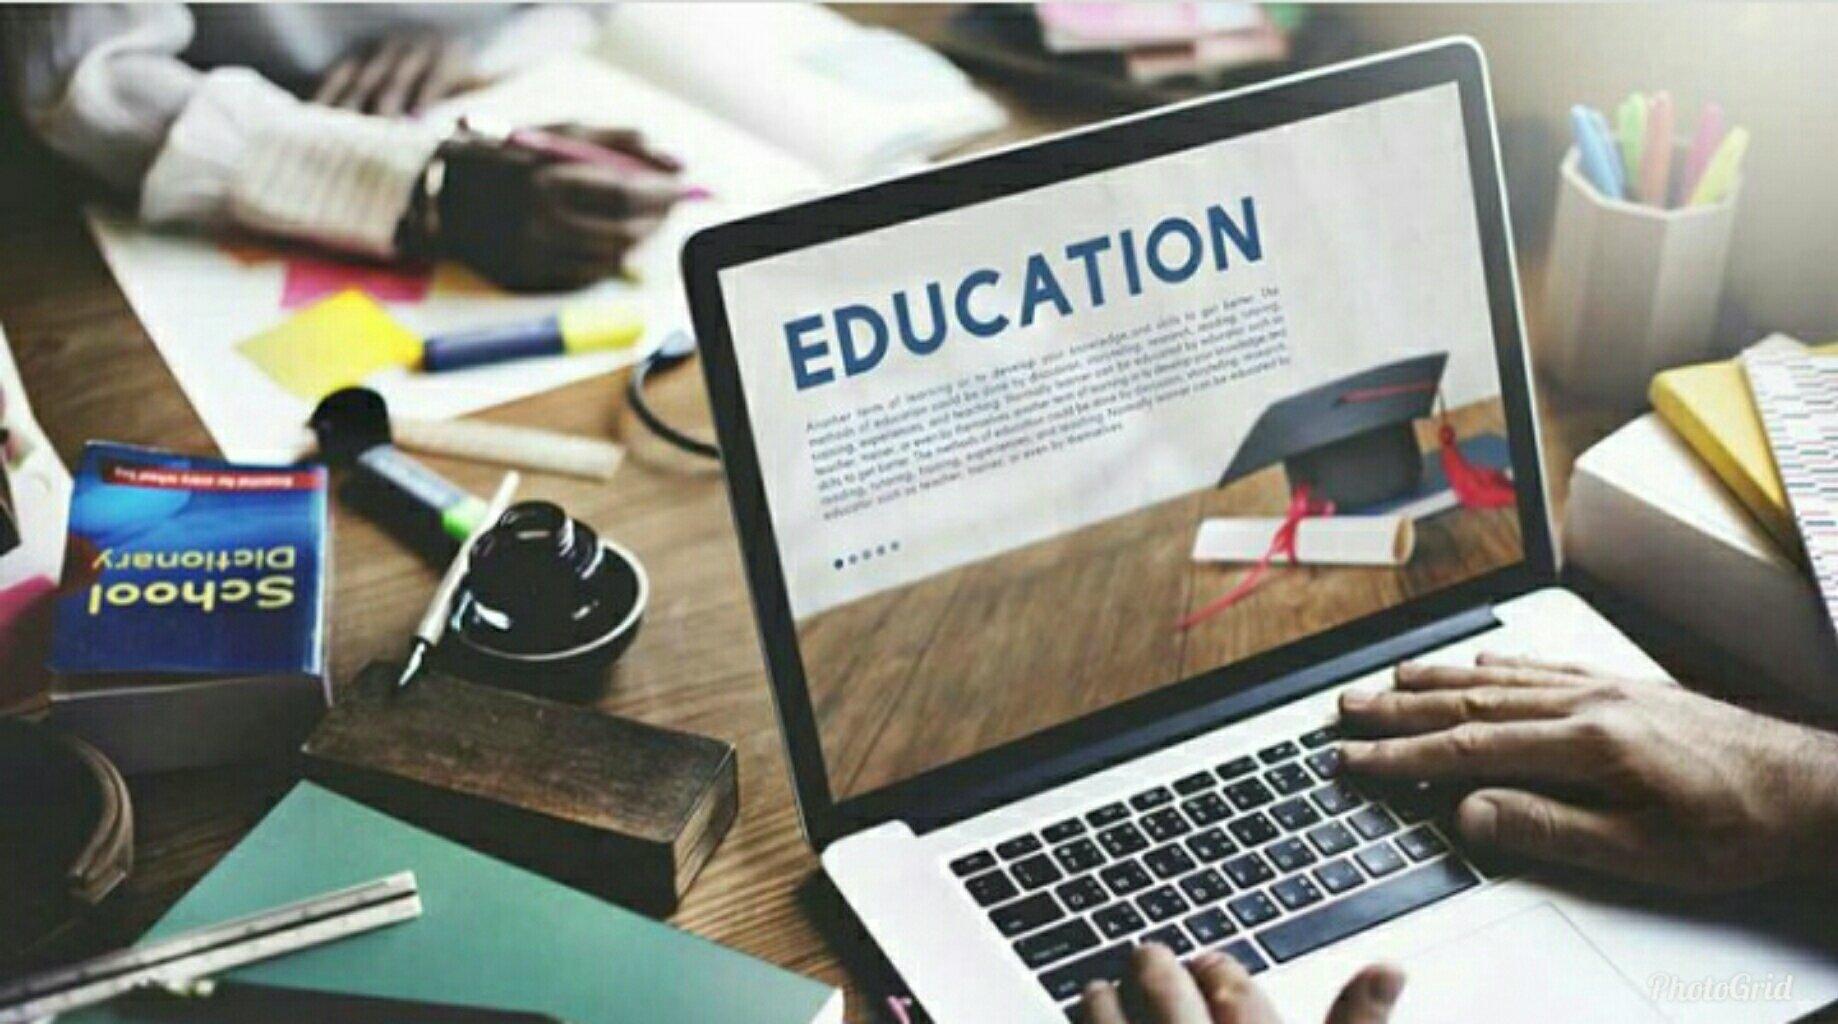 Öğrenme verimliliğinizi artırmak için bir diğer harika strateji, öğrenme alışkanlıklarınızı ve stillerinizi tanımaktır.